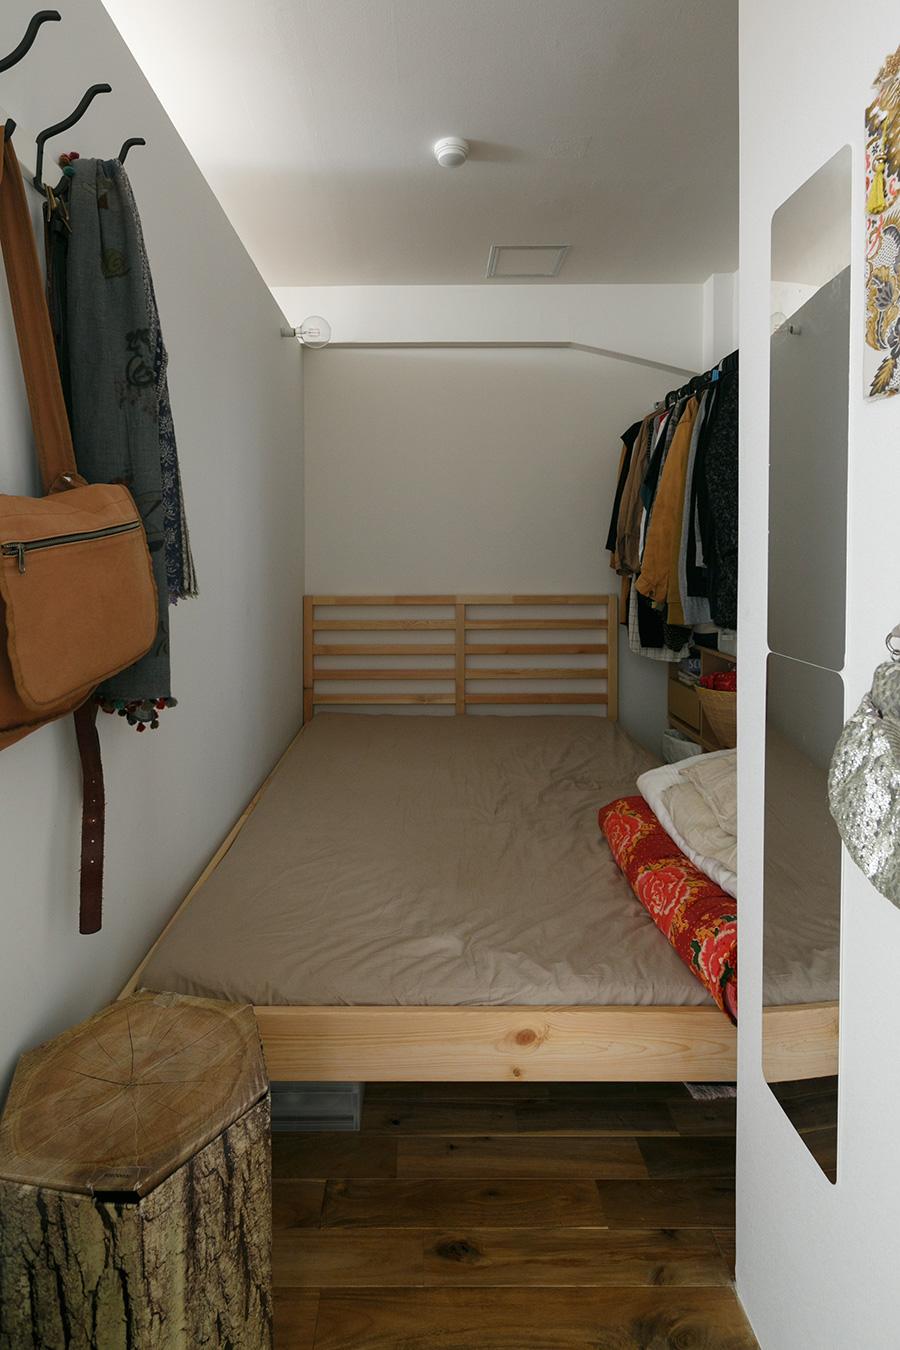 夫妻の寝室。やはりベッドを購入する際に計測し、スペースに収まるように配虜した。